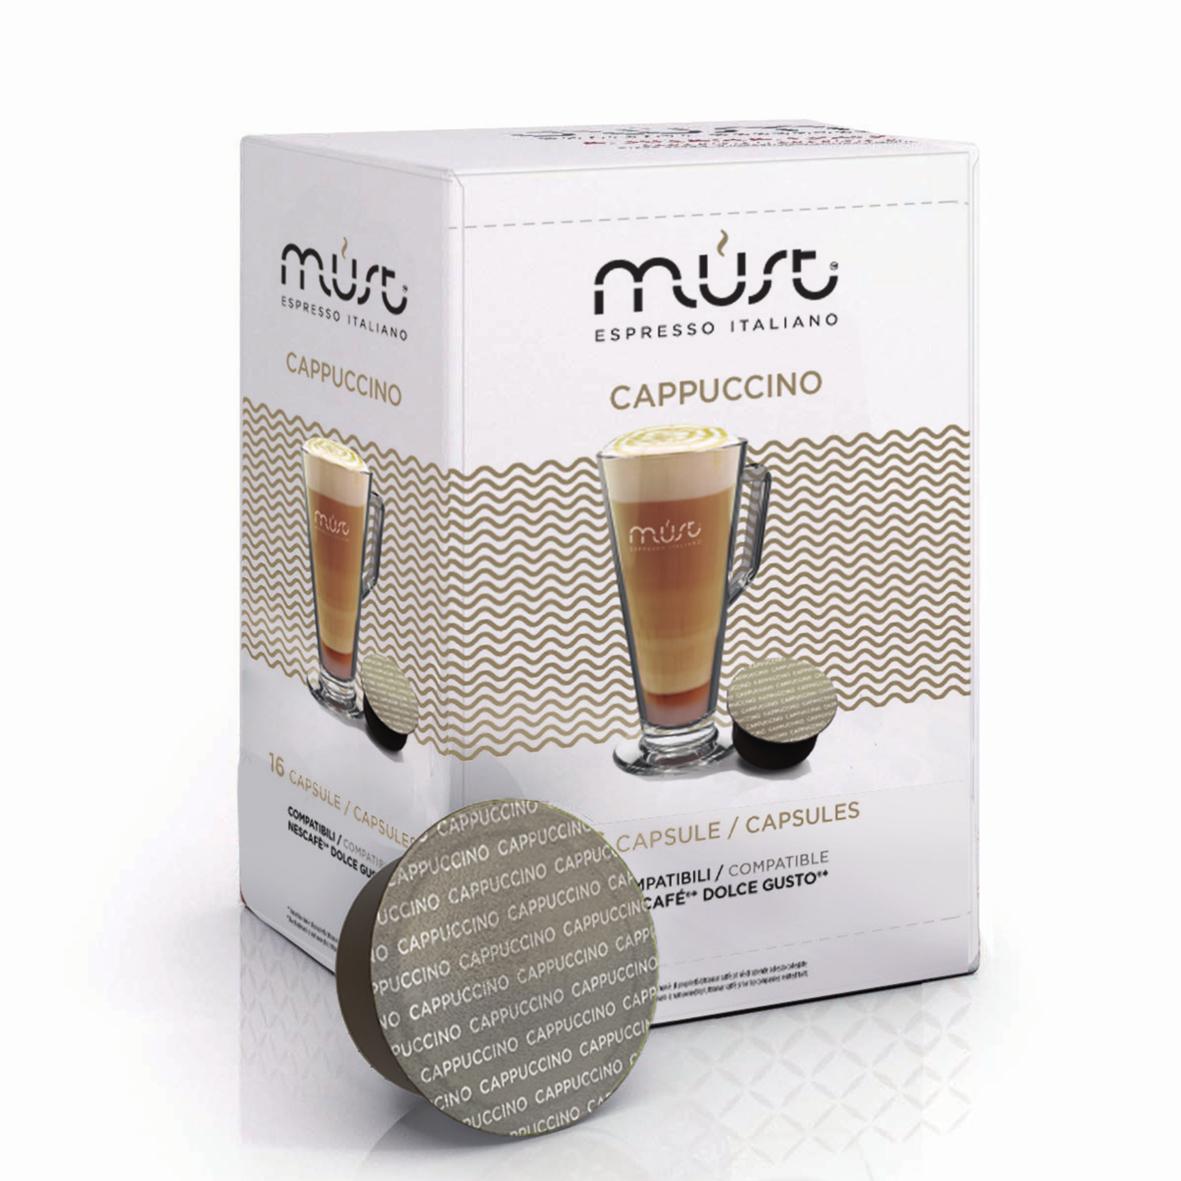 Кофе в капсулах MUST DG Cappucino 16шт Dolce GustoКофе, какао<br><br><br>Тип: кофе в капсулах<br>Дополнительно: Этот кофе имеет густую устойчивую пенку, мягкий и нежный вкус, приятный насыщенный аромат.